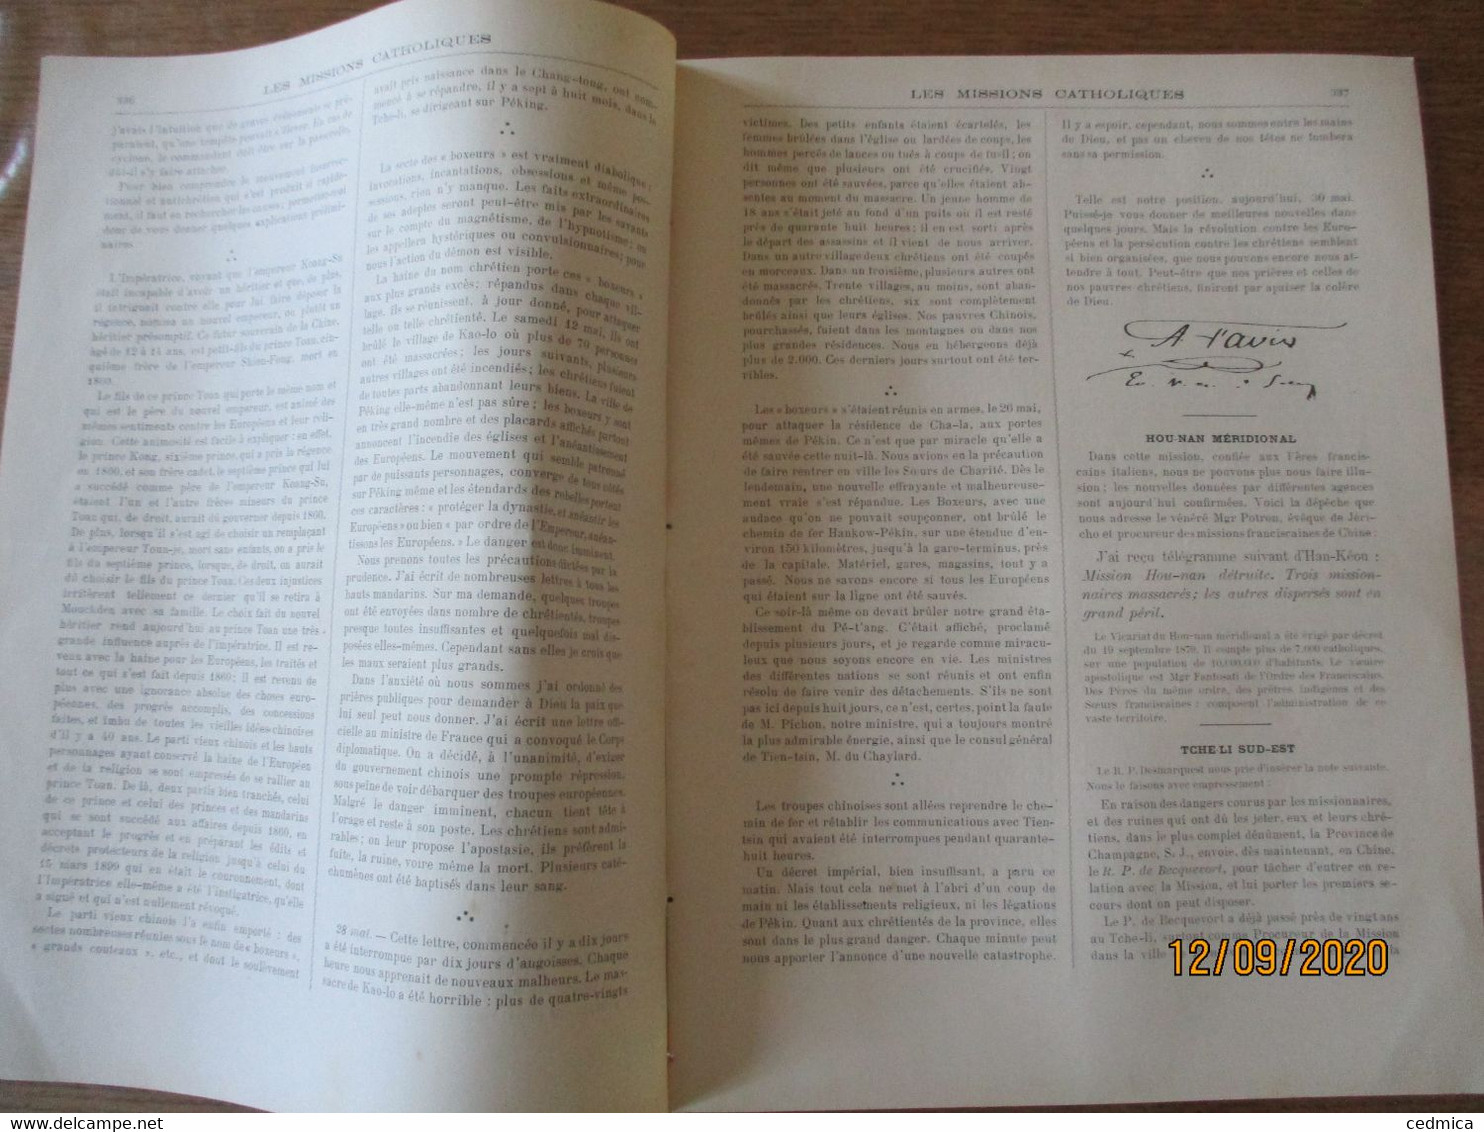 LES MISSIONS CATHOLIQUES DU 20 JUILLET 1900 EN CHINE HOU-NAN MERIDIONAL,TCHE-LI SUD-EST,PEKIN,CHEZ LES FANG GABON,FUMEU - Books, Magazines, Comics